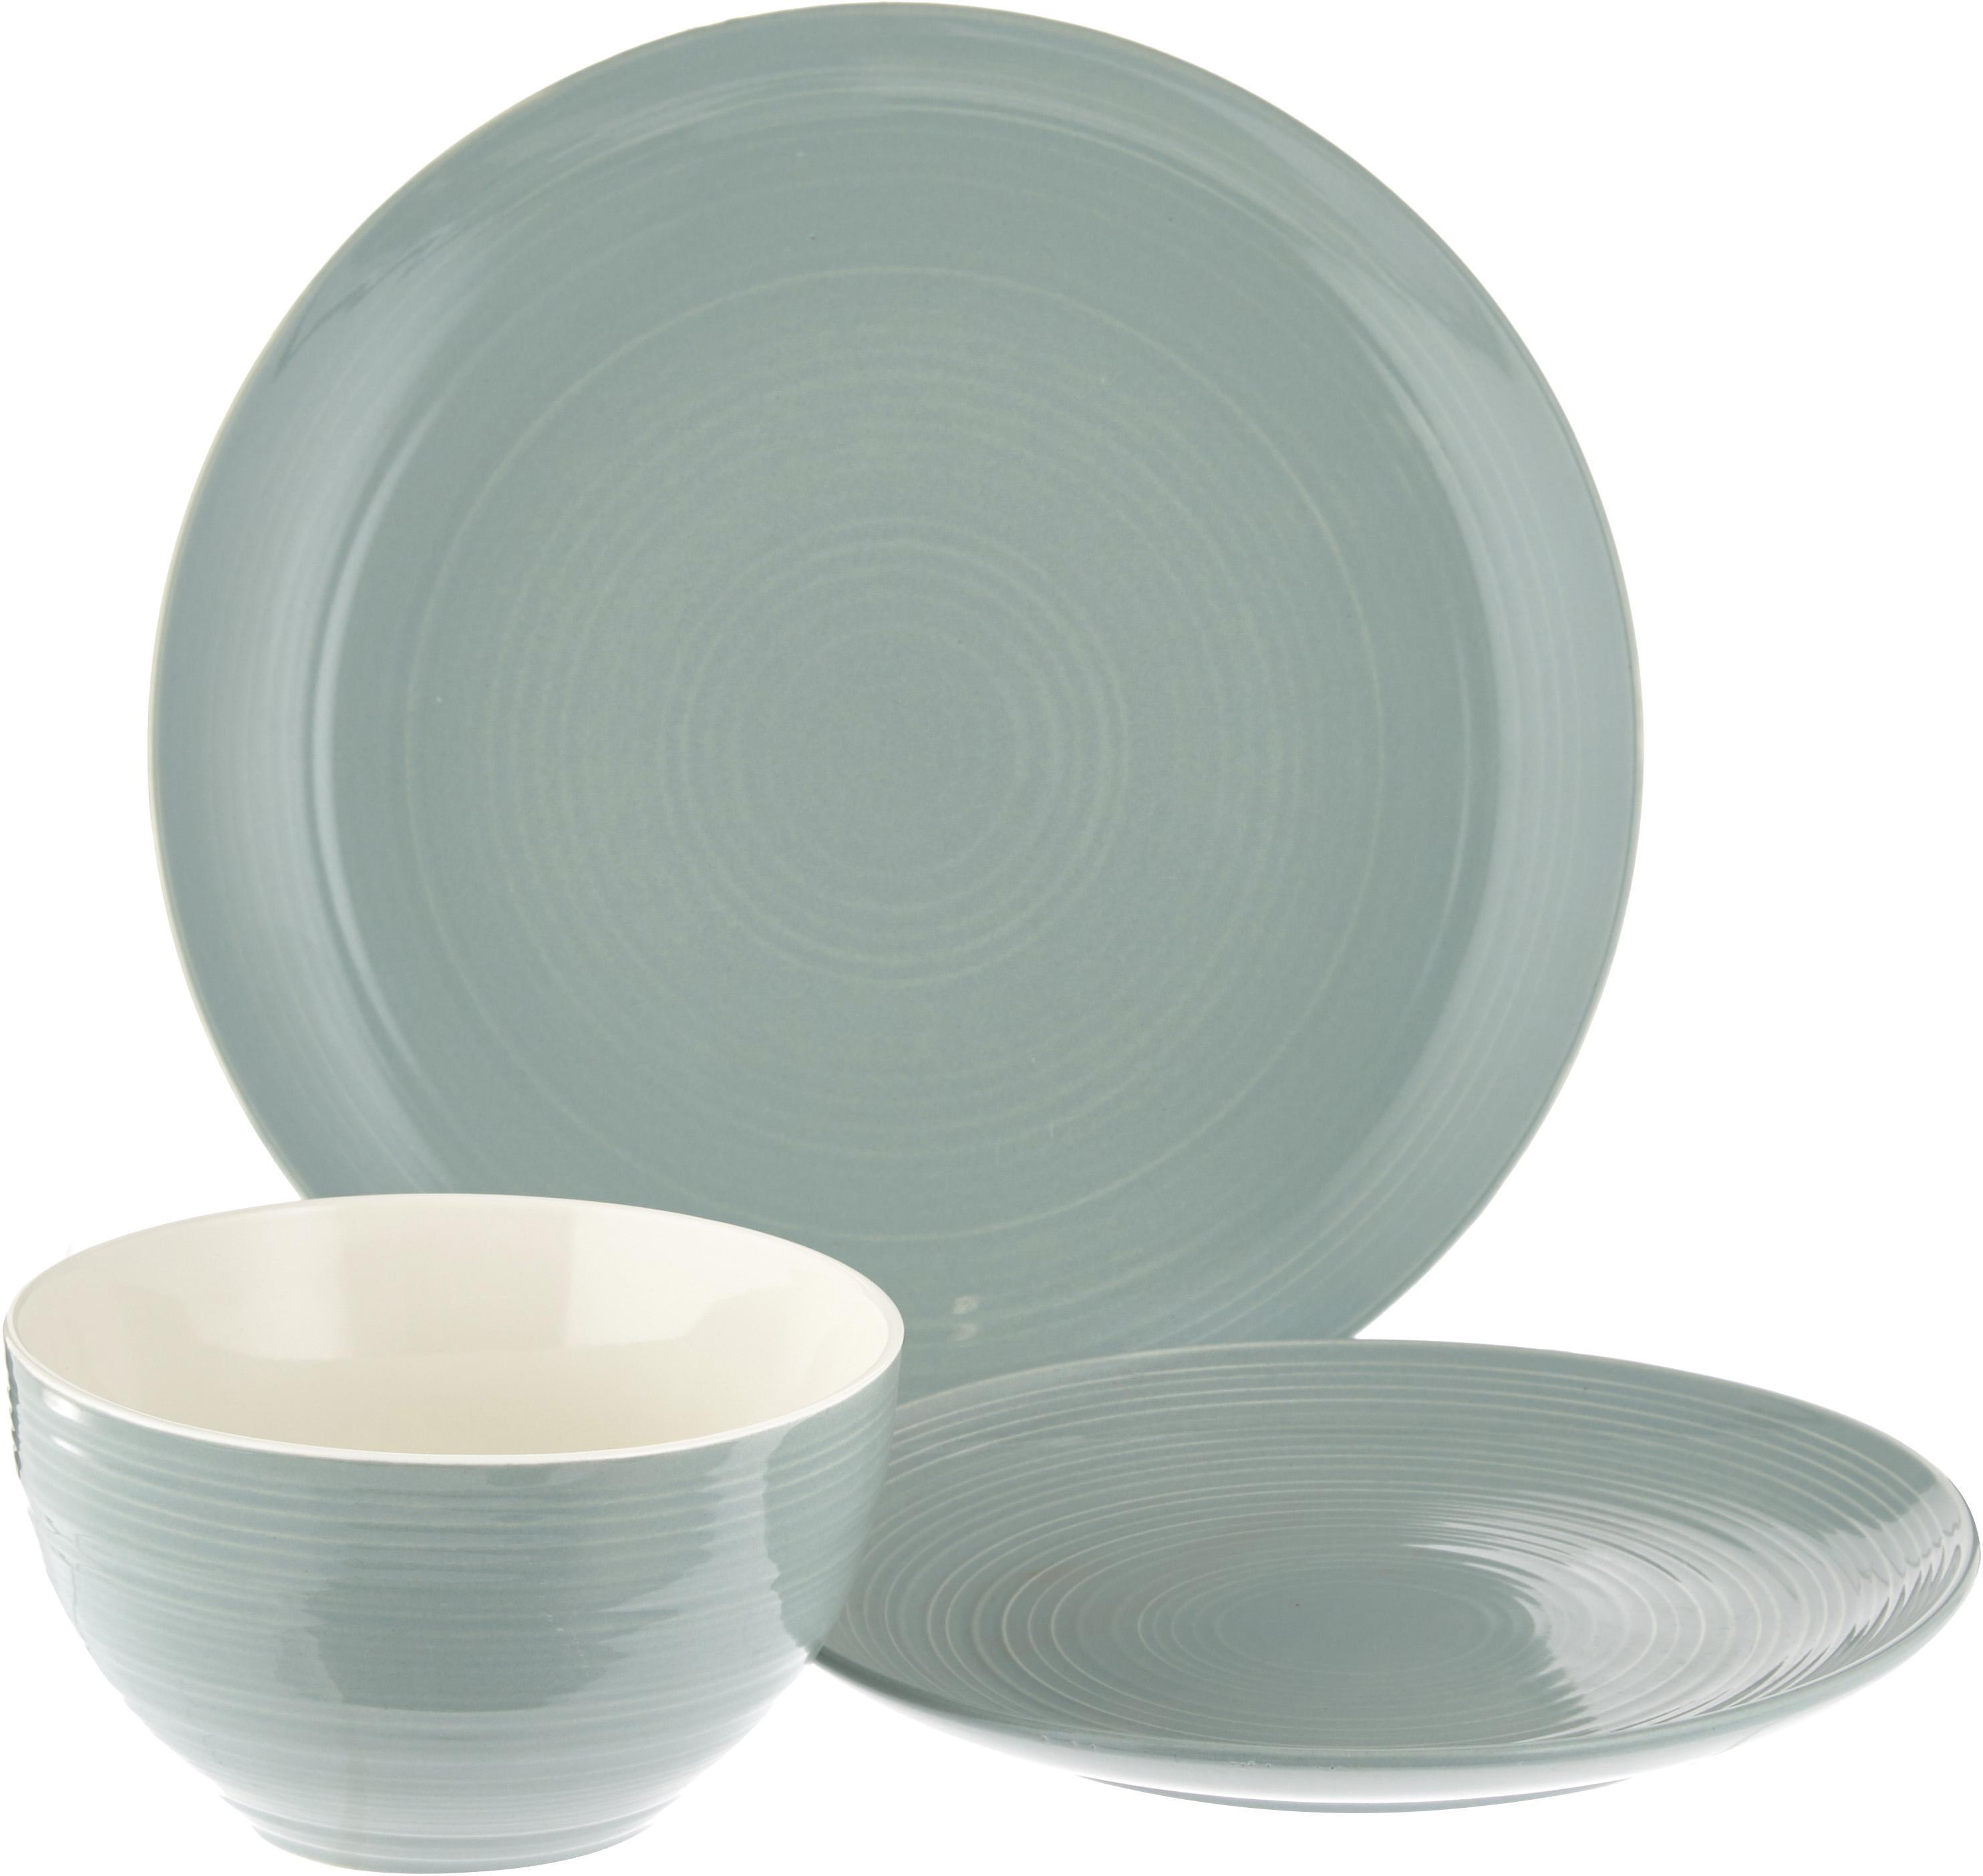 Vajilla Darby, 4comensales (12pzas.), Porcelana New Bone, Verde, blanco crudo, Tamaños diferentes